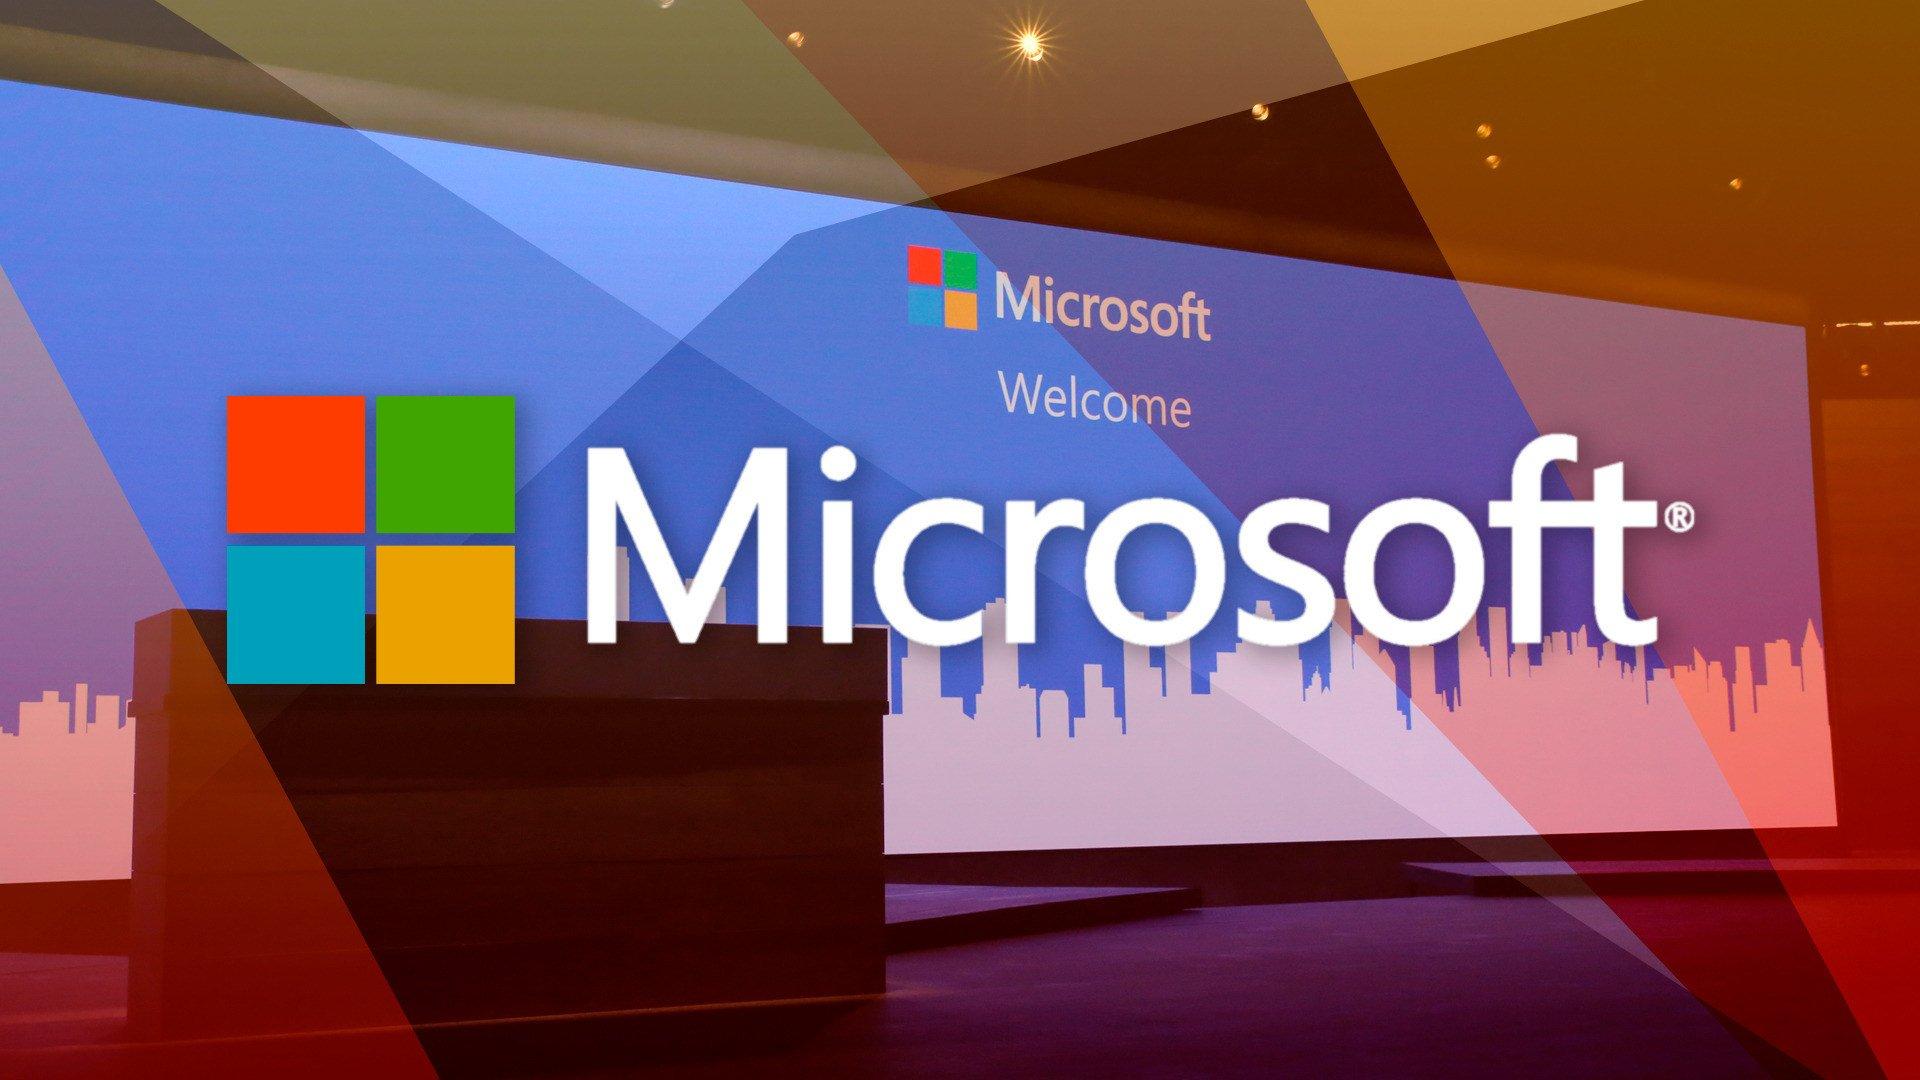 Microsoft, Windows, Logo, Launch, Microsoft Corporation, Ceo, Event, Keynote, Steve Ballmer, Gates, Vorstellung, Livestream, Windows Logo, Nadella, Einladung, Neuvorstellung, Veranstaltung, Events, Microsoft CEO, Elop, Neuheiten, Bühne, Redner, Produktneuheit, Microsoft Einladung